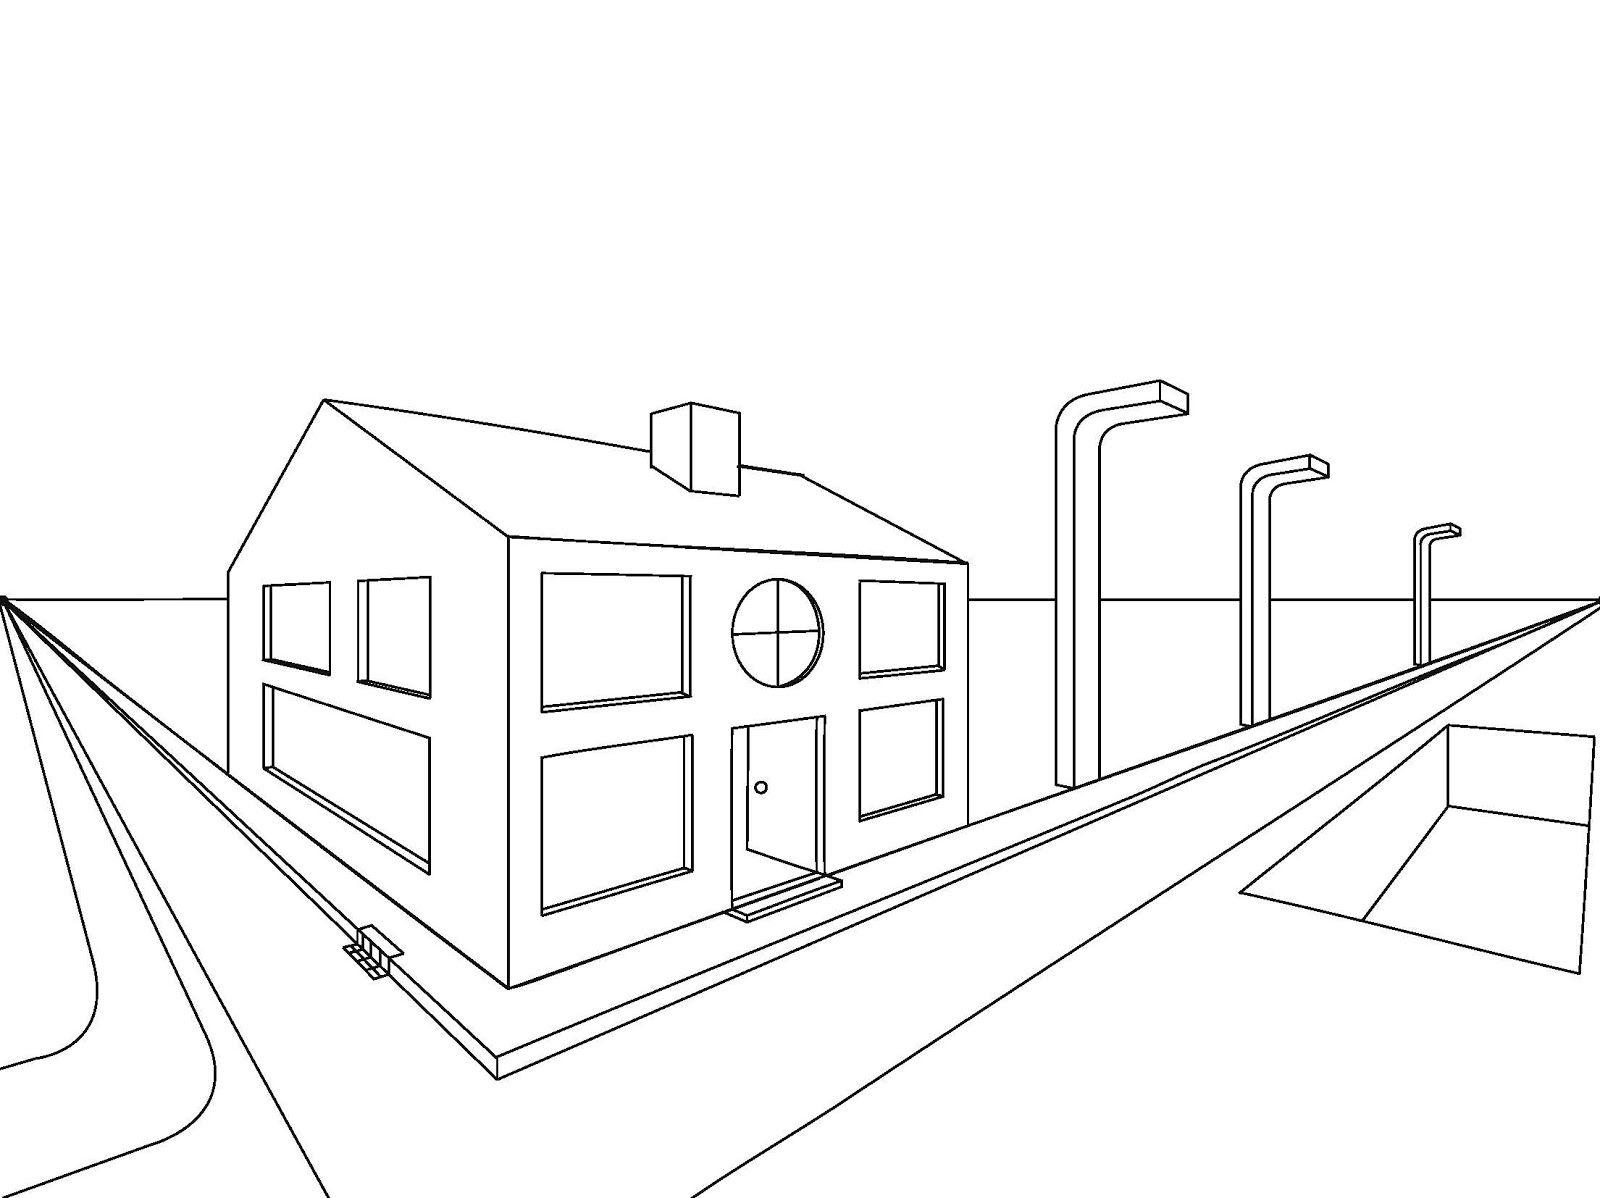 Een Straat Getekend In Perspectief Niet Heel Gedetailleerd Perspectief Straat